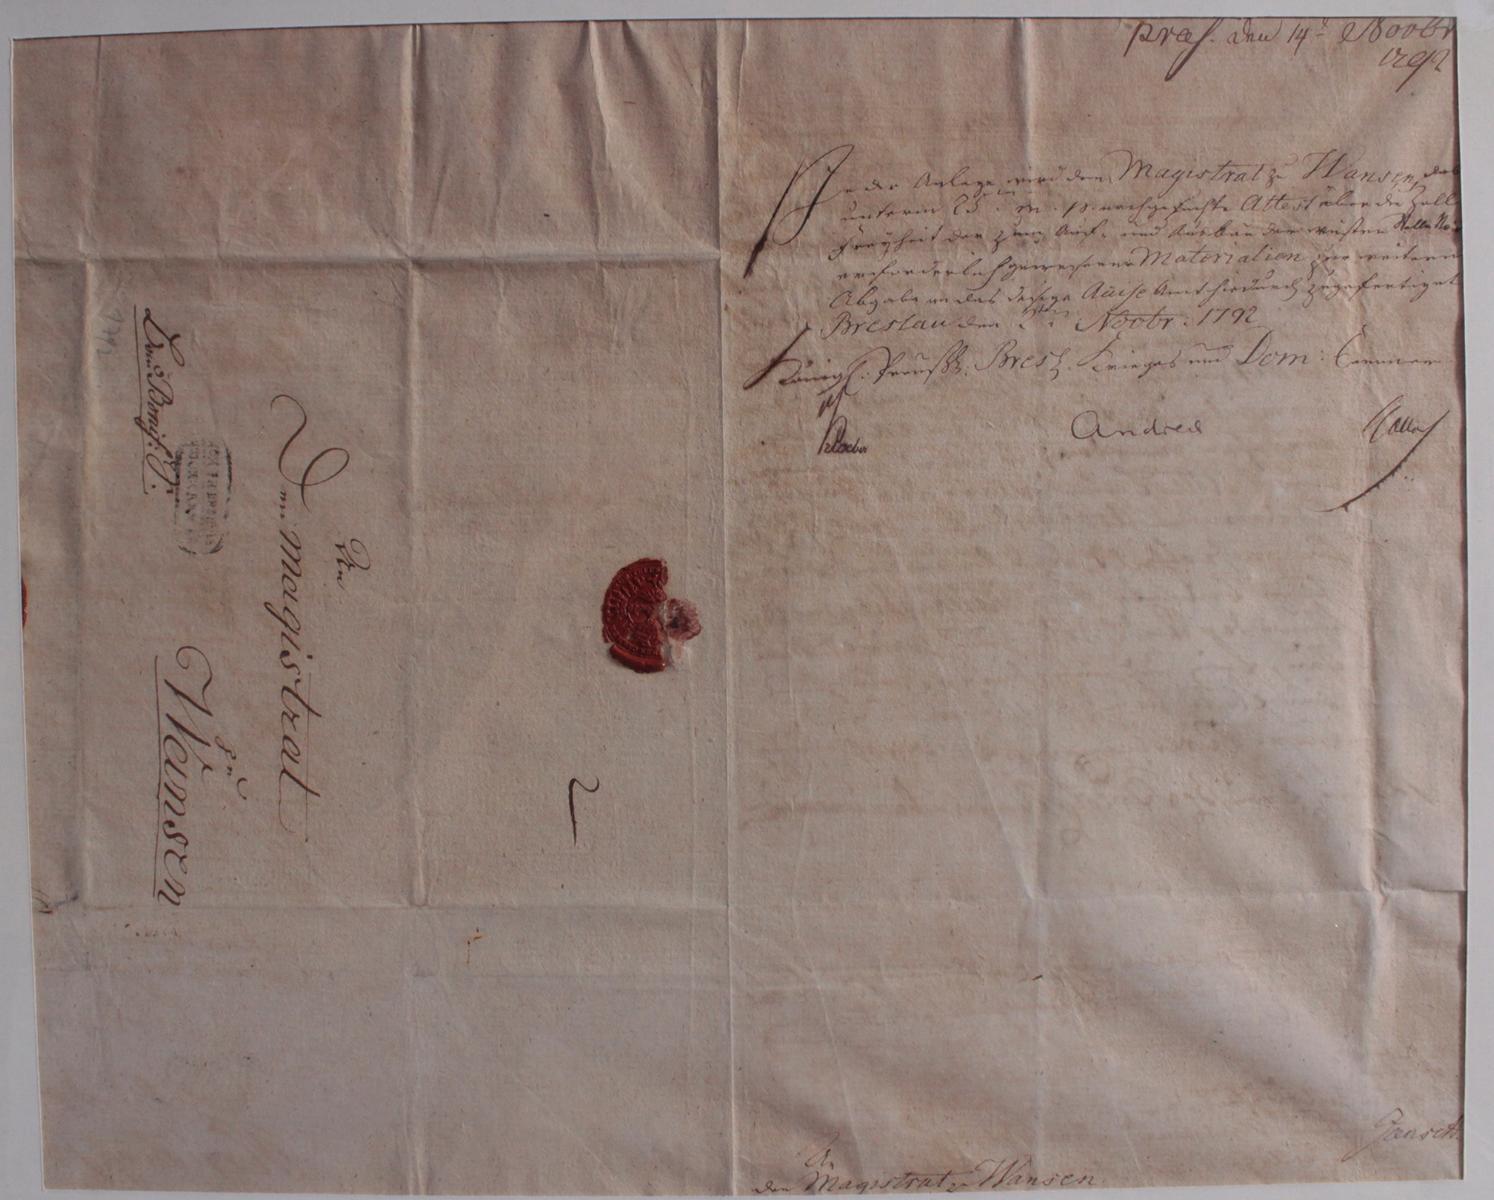 Samlung Altbriefe, Vorphilatelie, Meisterbrief und Dokumente-4